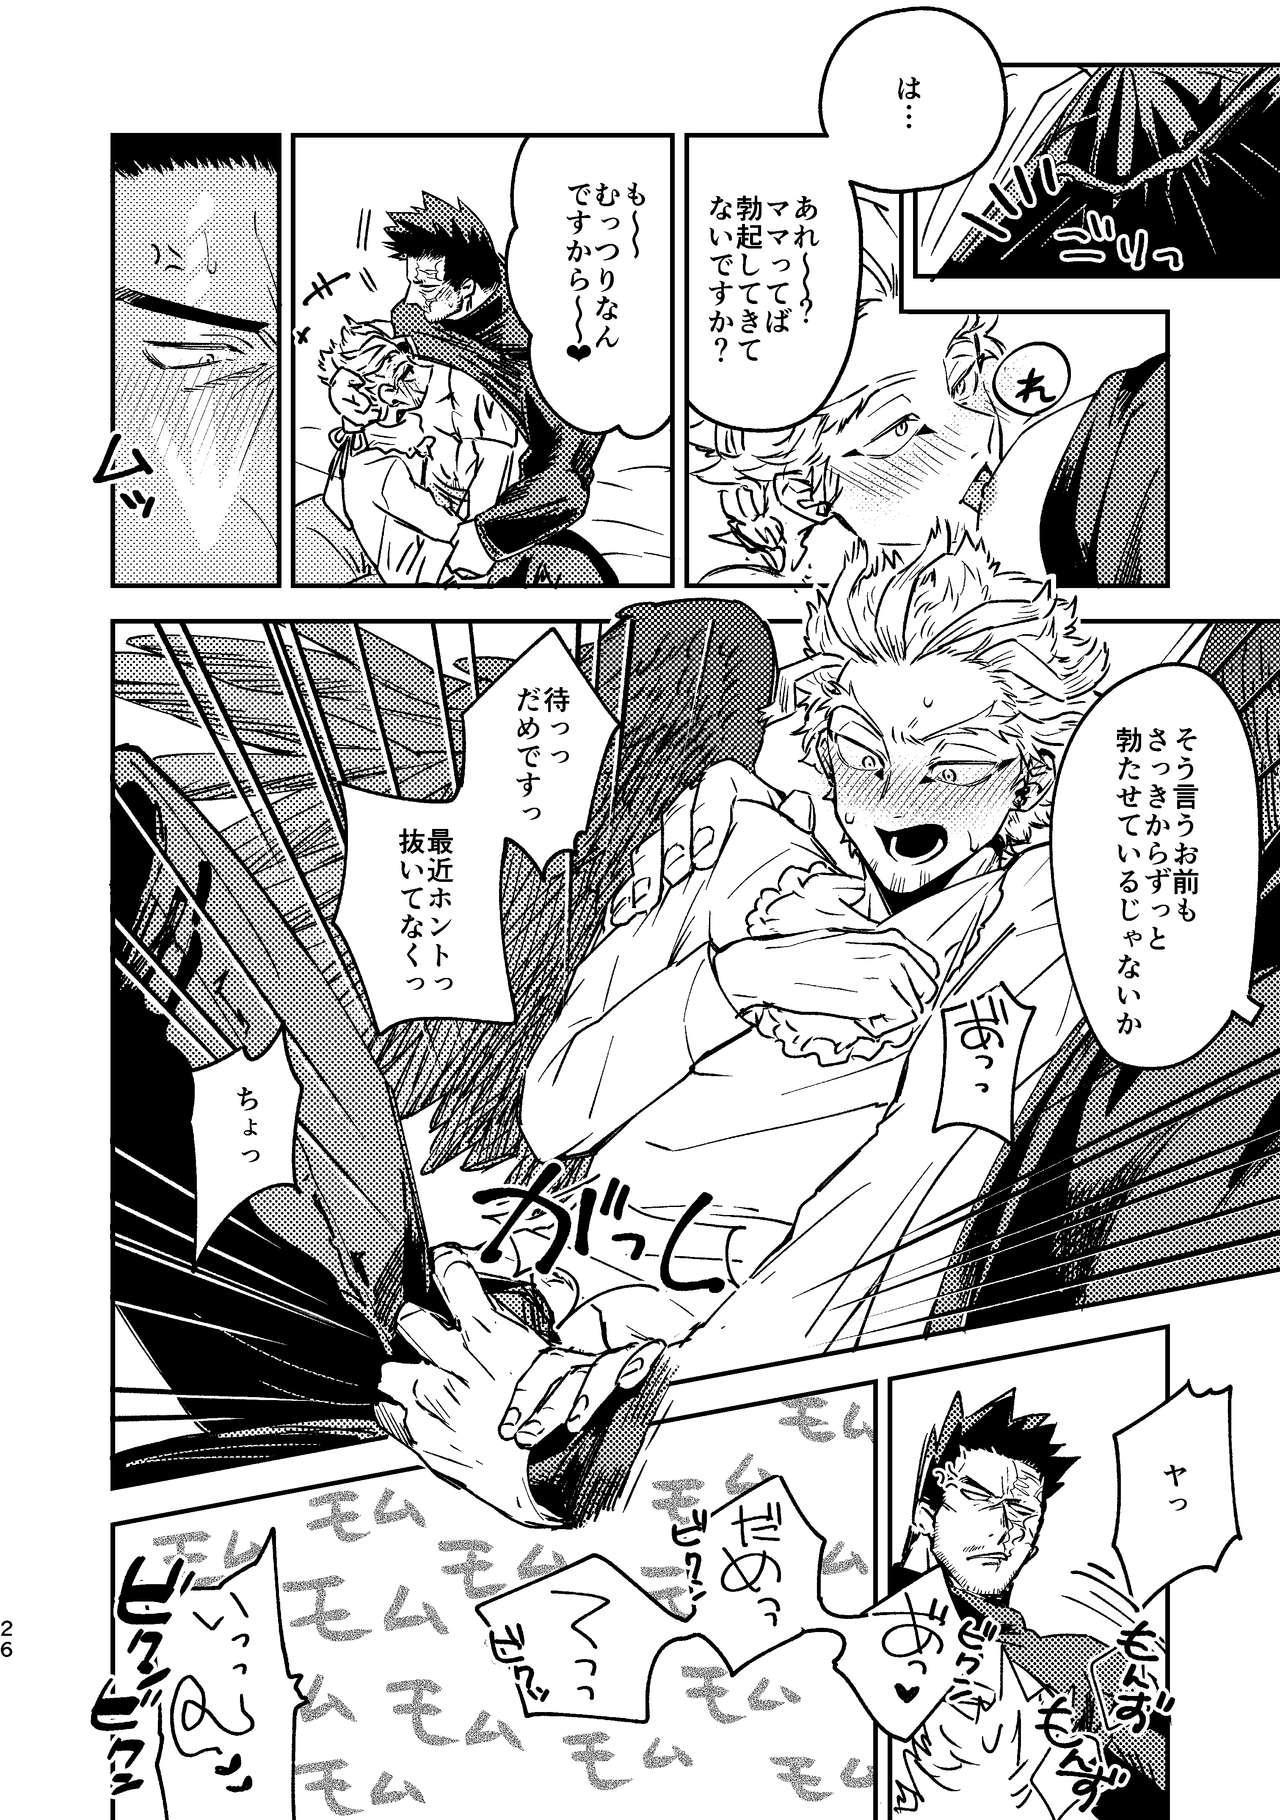 WEB Sairoku Zumi HawEn Manga ga Kami demo Yomeru Hon. 25